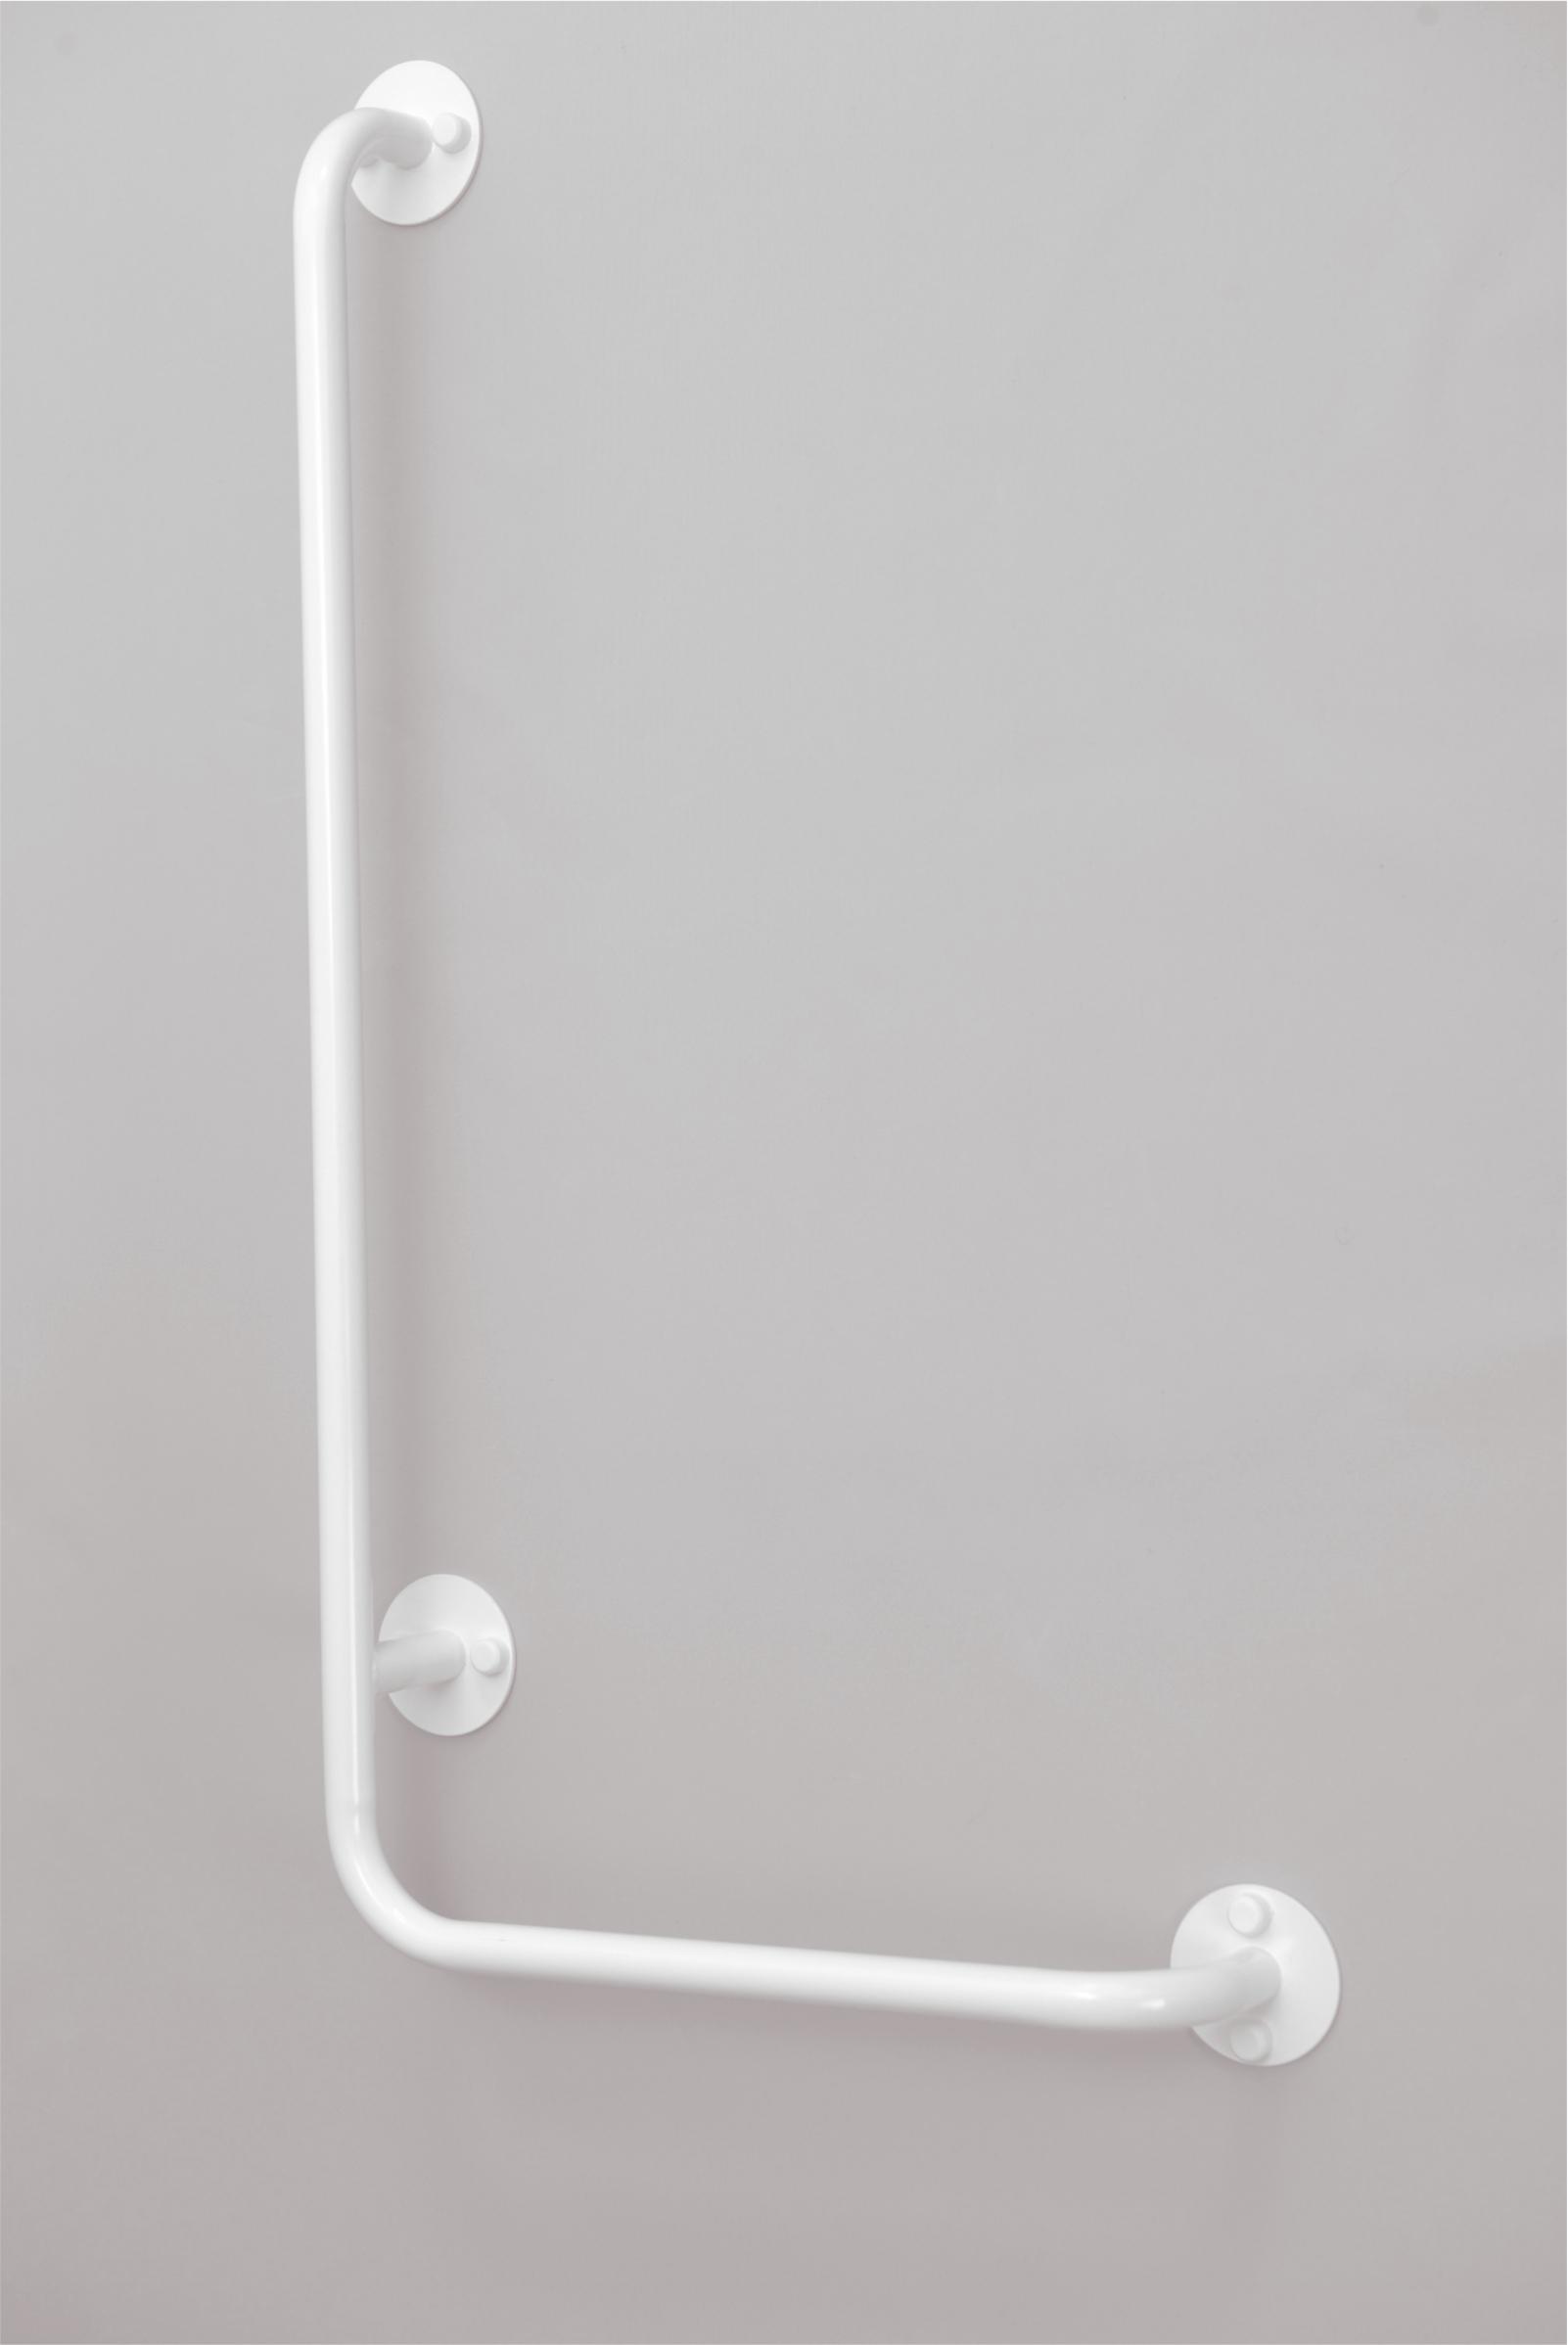 lomené madlo sprchové PRAVÉ BÍLÉ PREMIUM šířka š: 45 cm, výška v: 90 cm